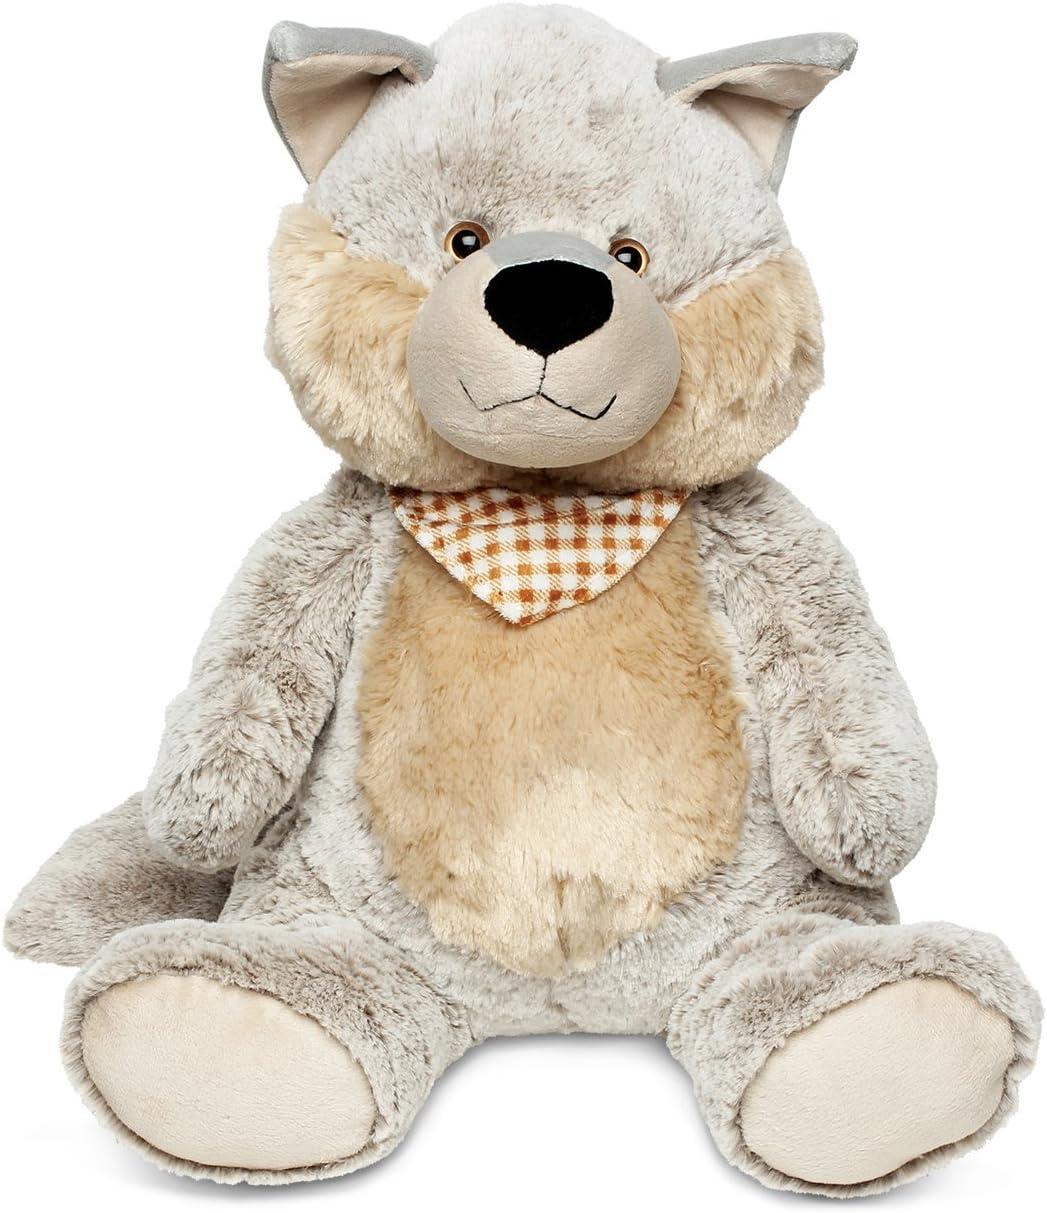 DolliBu Plush Wolf Stuffed Animal Max 48% OFF Industry No. 1 Pillow Soft Anima Size Super -